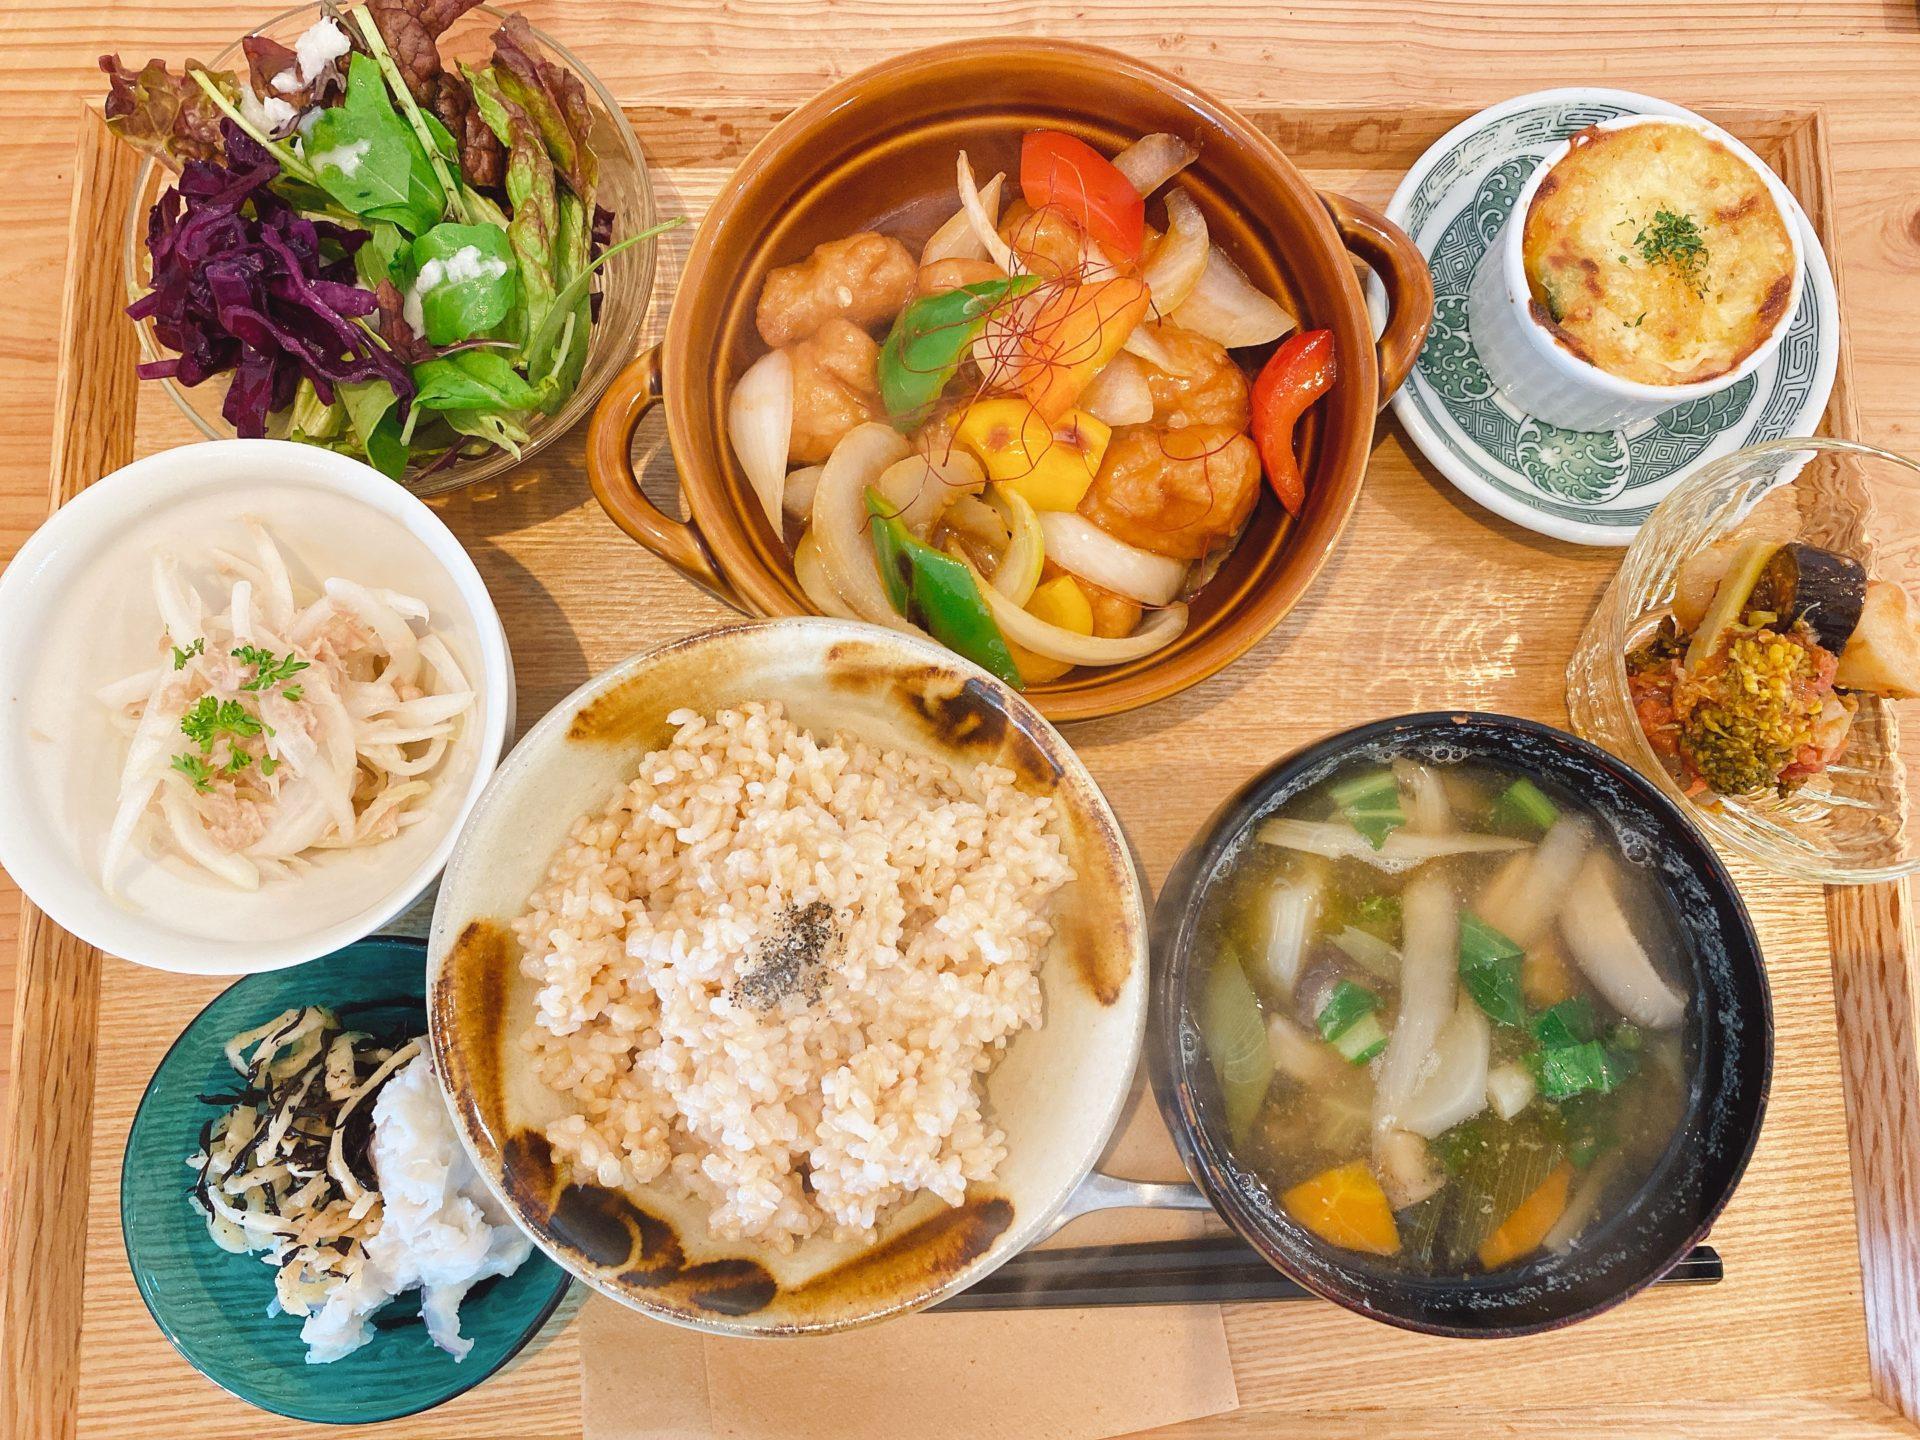 岡電東山駅から徒歩2分 イチカフェ(ichi-cafe)の玄米定食が野菜を中心としたおかずばかりで超ヘルシー!今日は大豆ミートの酢豚風!